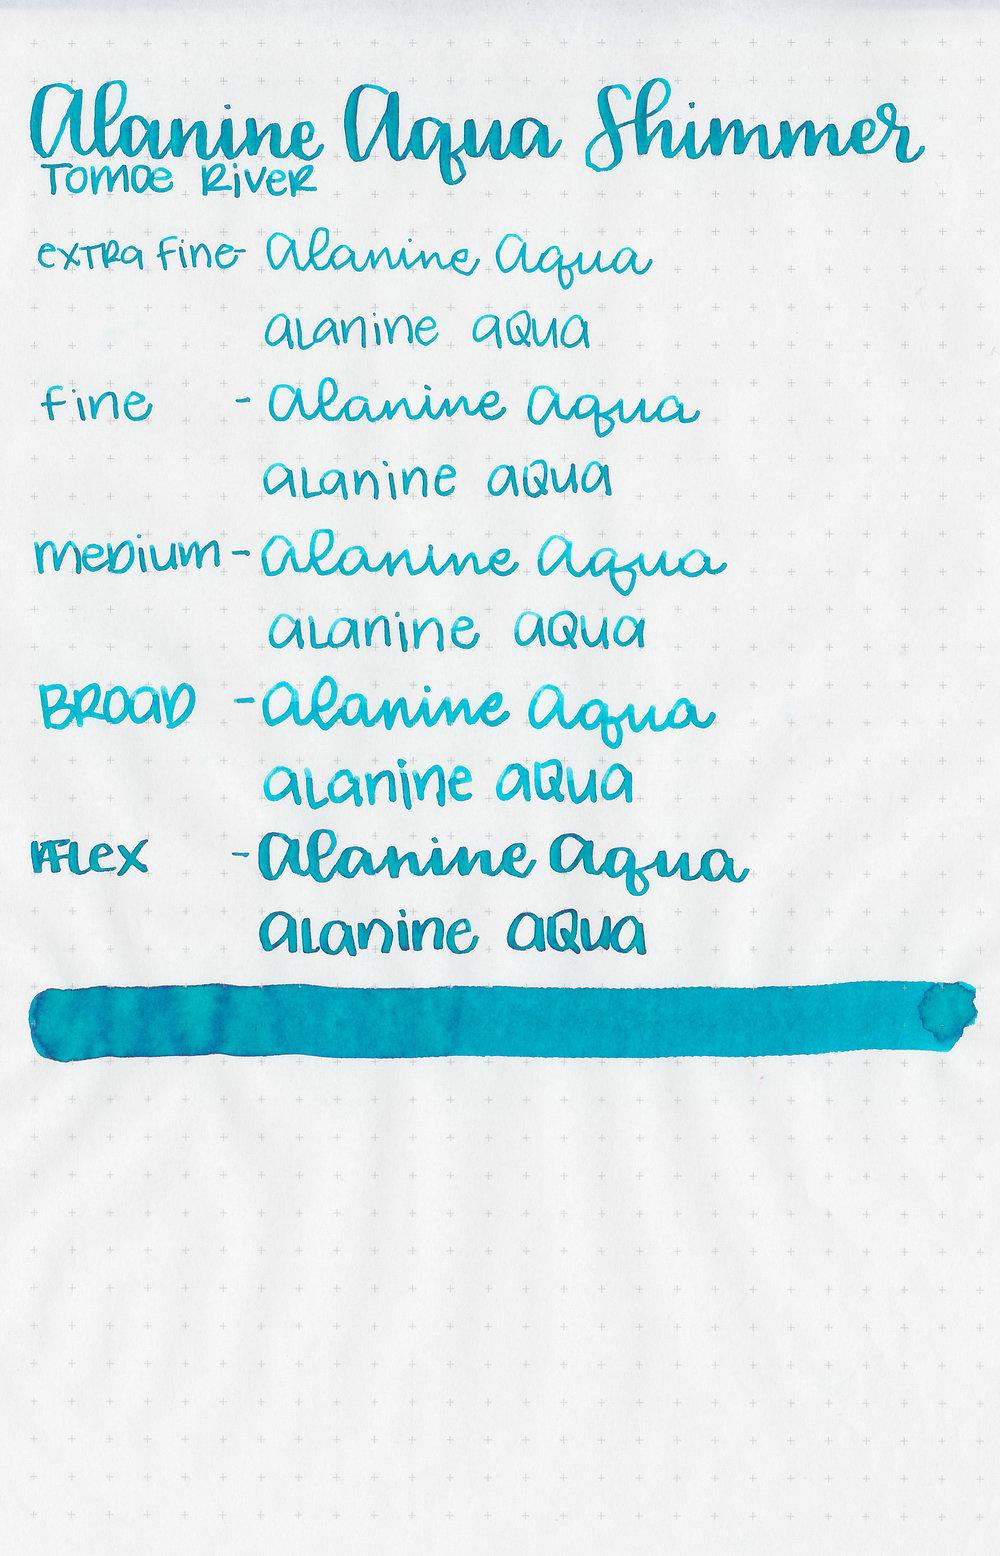 os-alanine-aqua-8.jpg